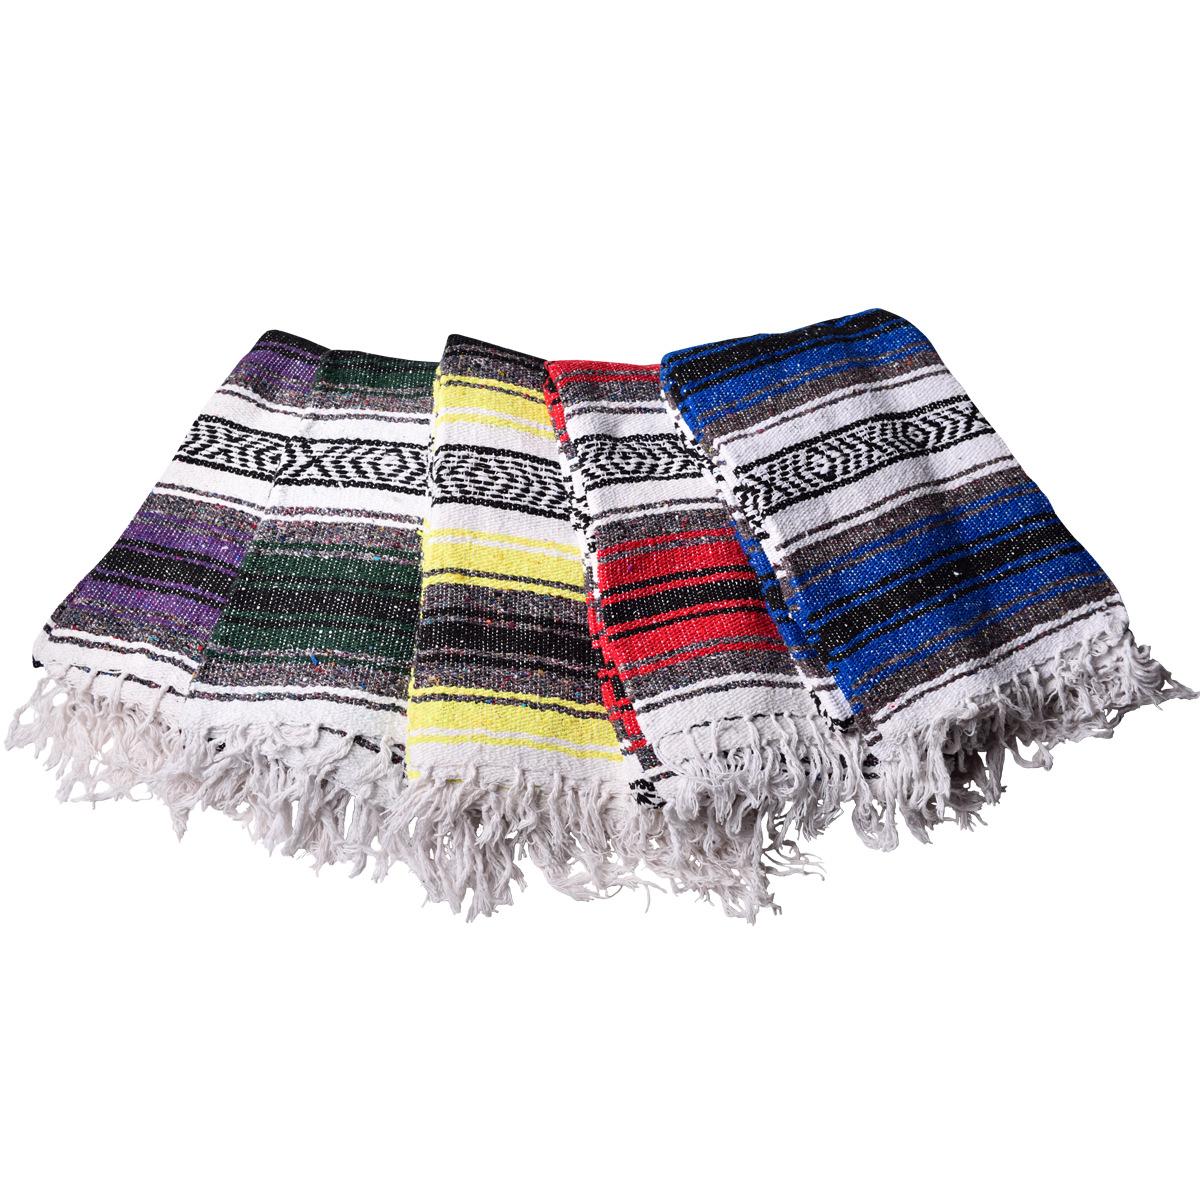 Hugger Mugger Mexican Blanket